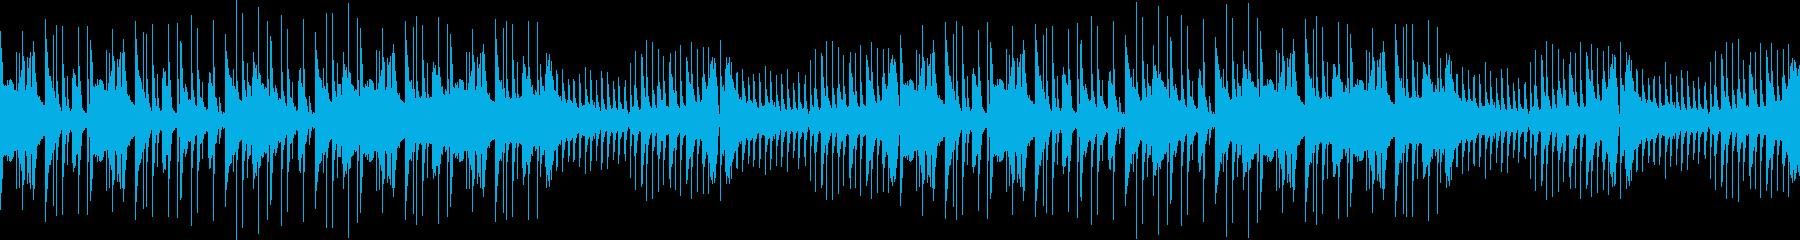 おしゃれ・モダン・ループジングルの再生済みの波形